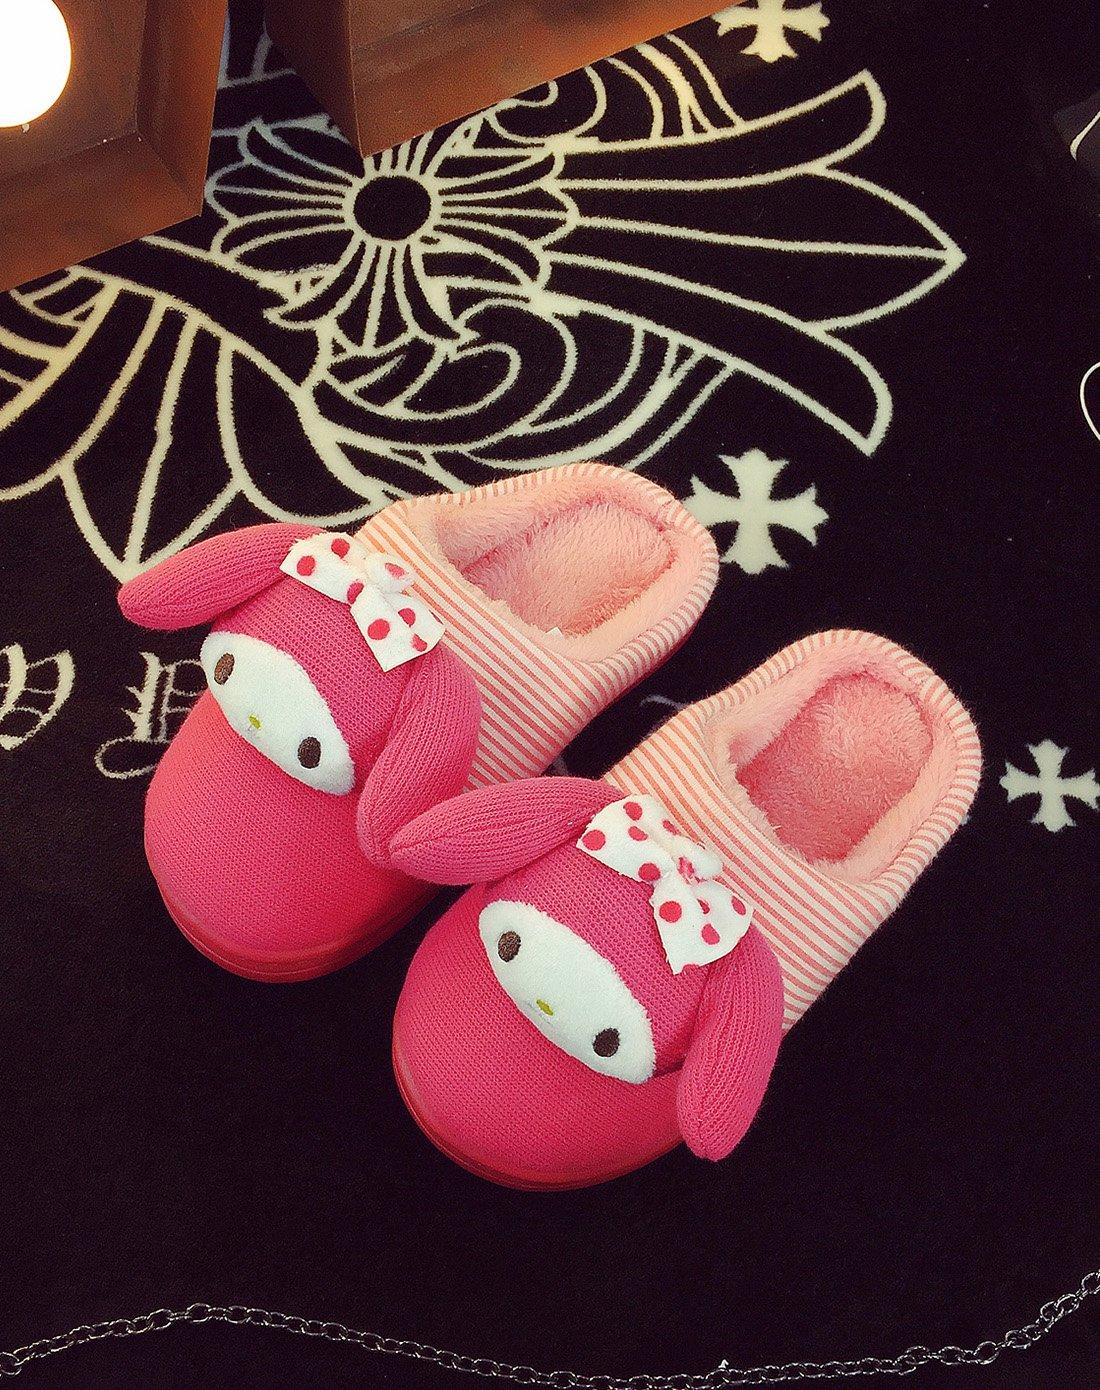 立体可爱娃娃头棉拖鞋